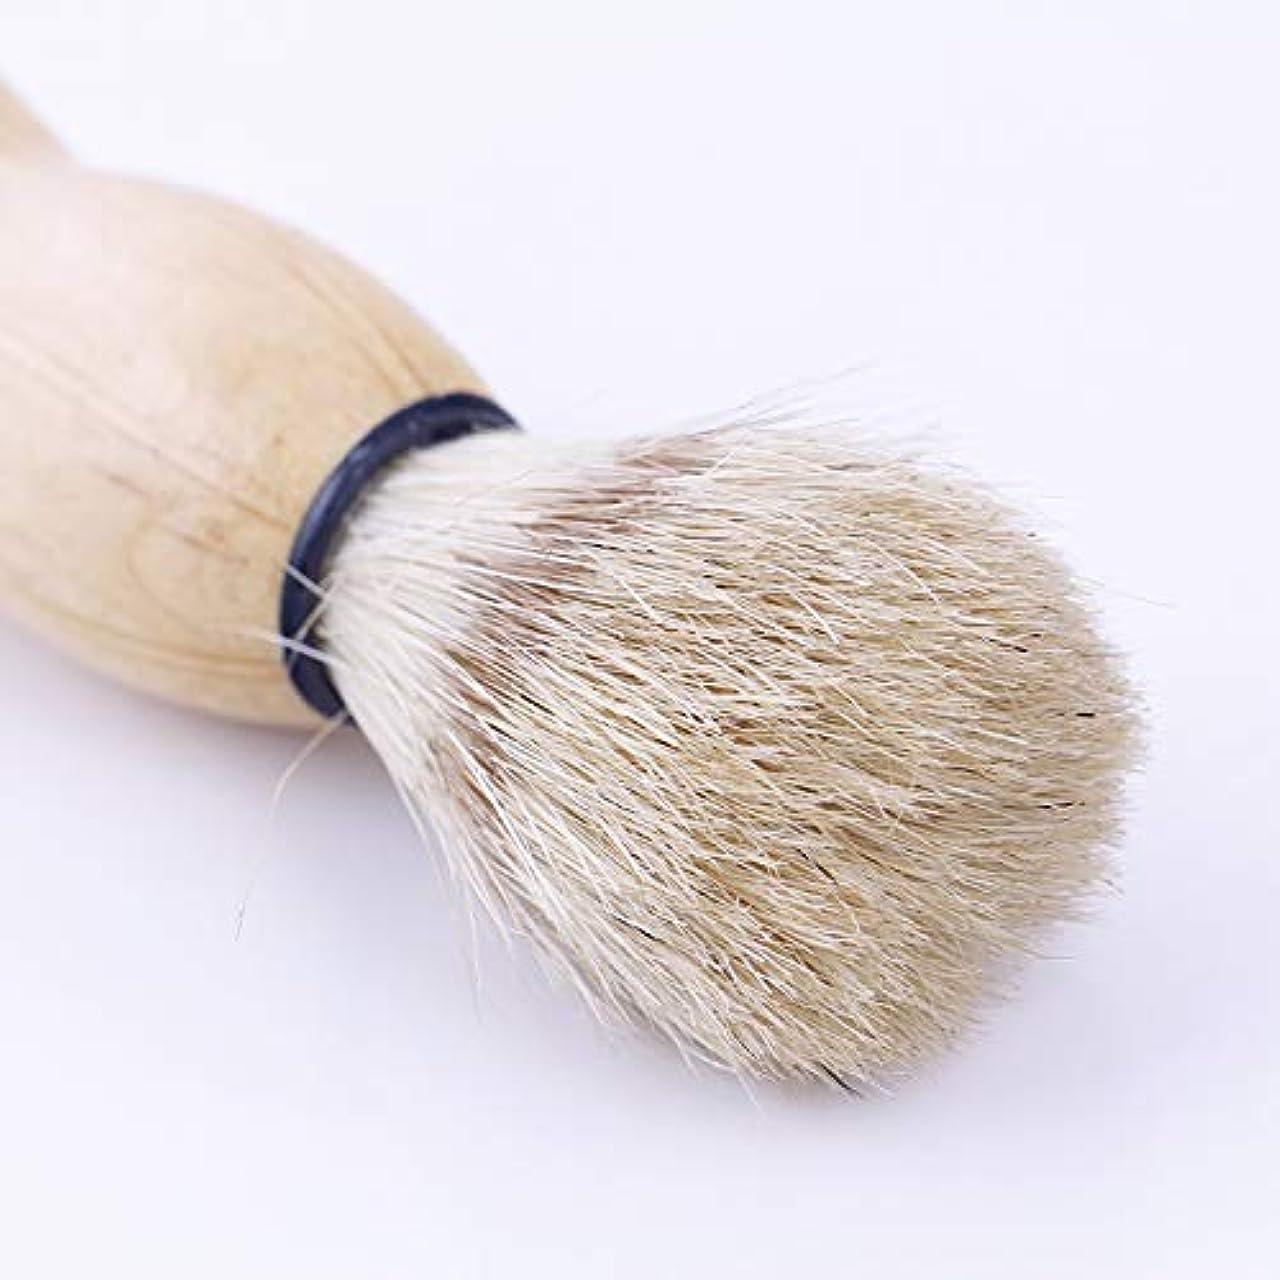 サッカーロッカークルーズSMTHOME シェービング用ブラシ メンズ 100% ウール毛 理容 洗顔 髭剃り 泡立ち